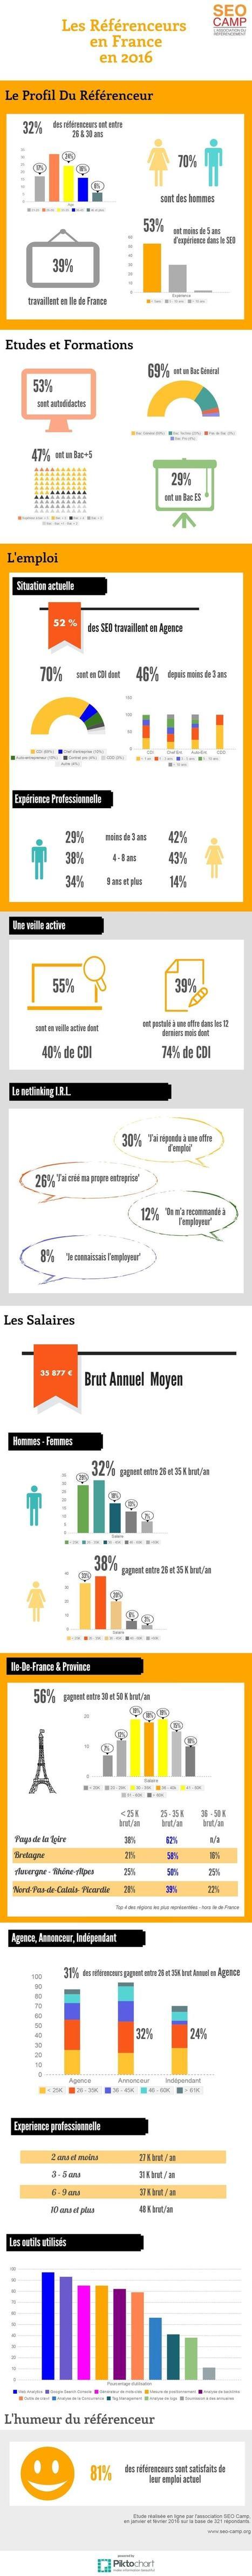 [Infographie] Le profil des référenceurs en France en 2016 | Le Club de Mediapart | e-Veille : Social Media, Marketing, NTIC ... | Scoop.it